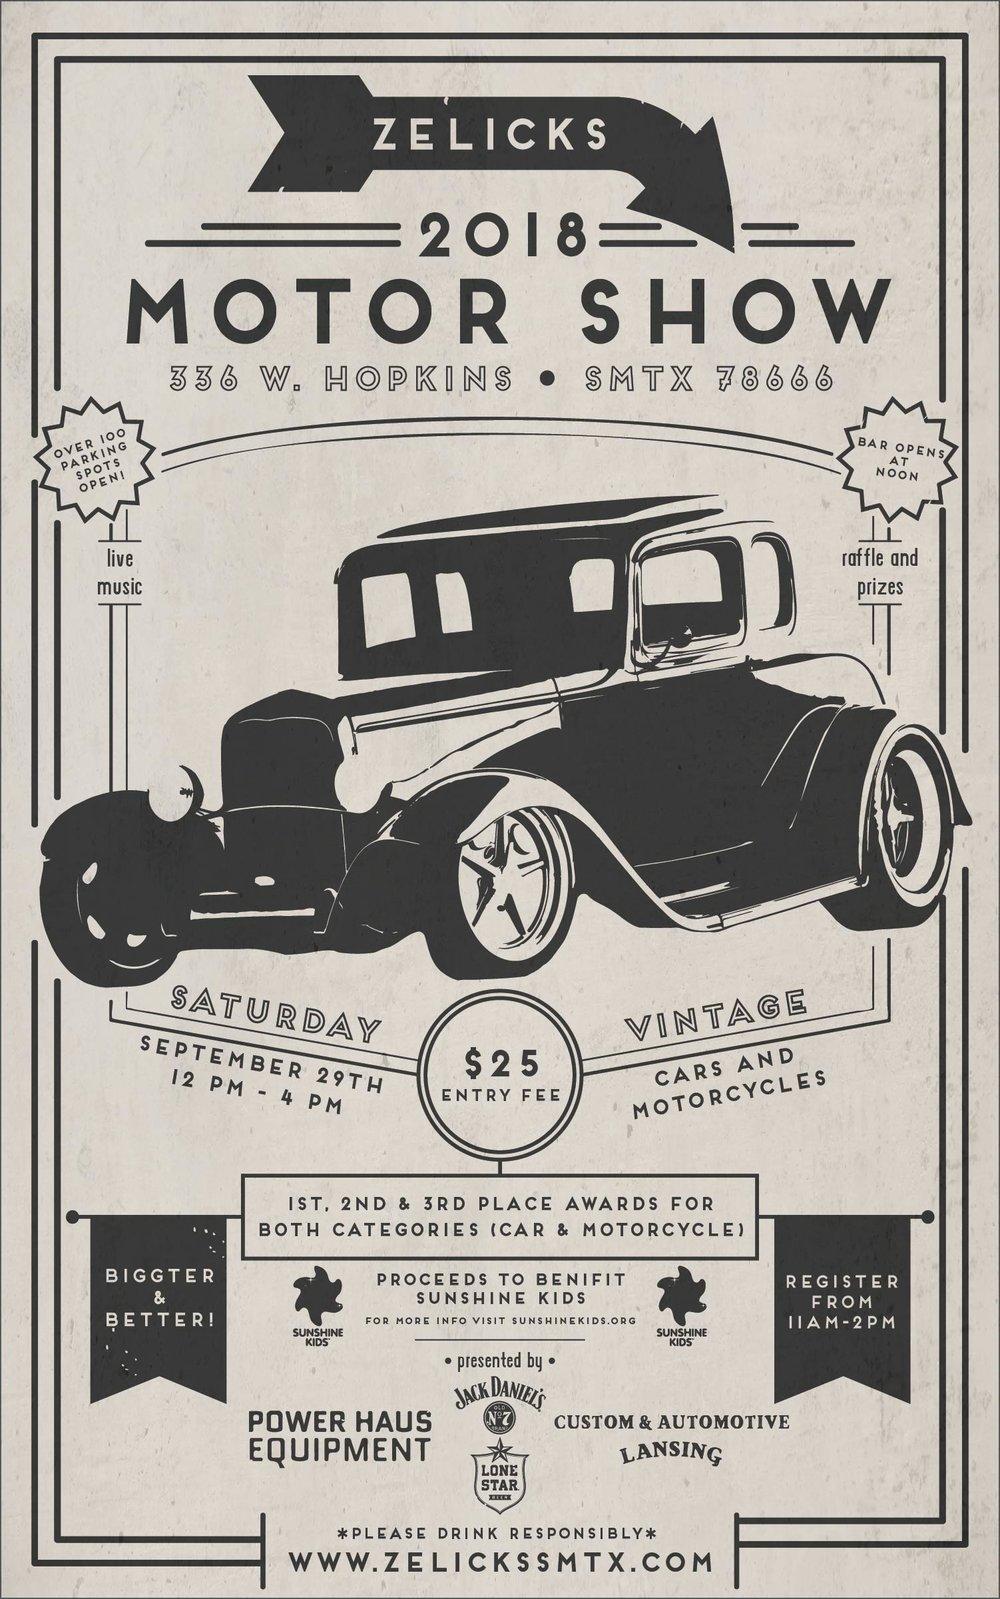 Car_Show_Poster_Handheld.jpg